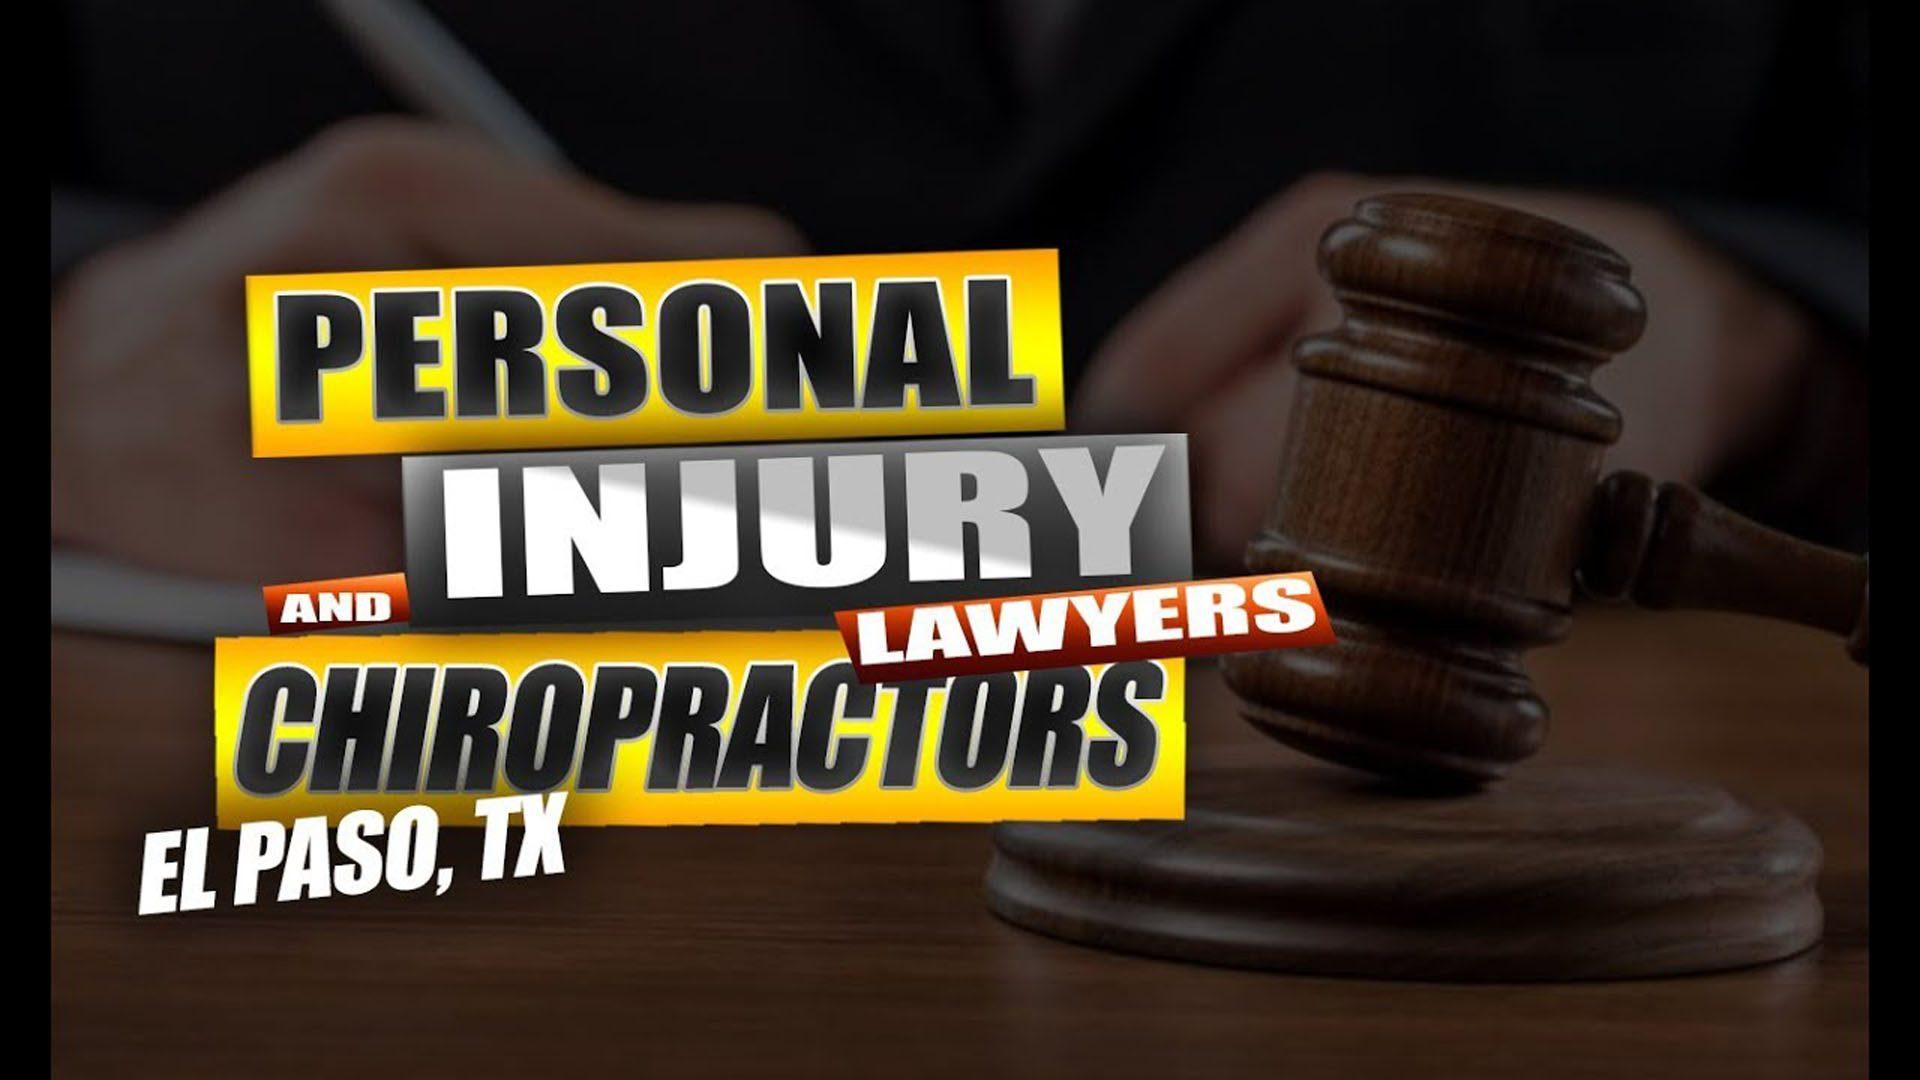 Abogados de lesiones personales y quiroprácticos el paso tx.